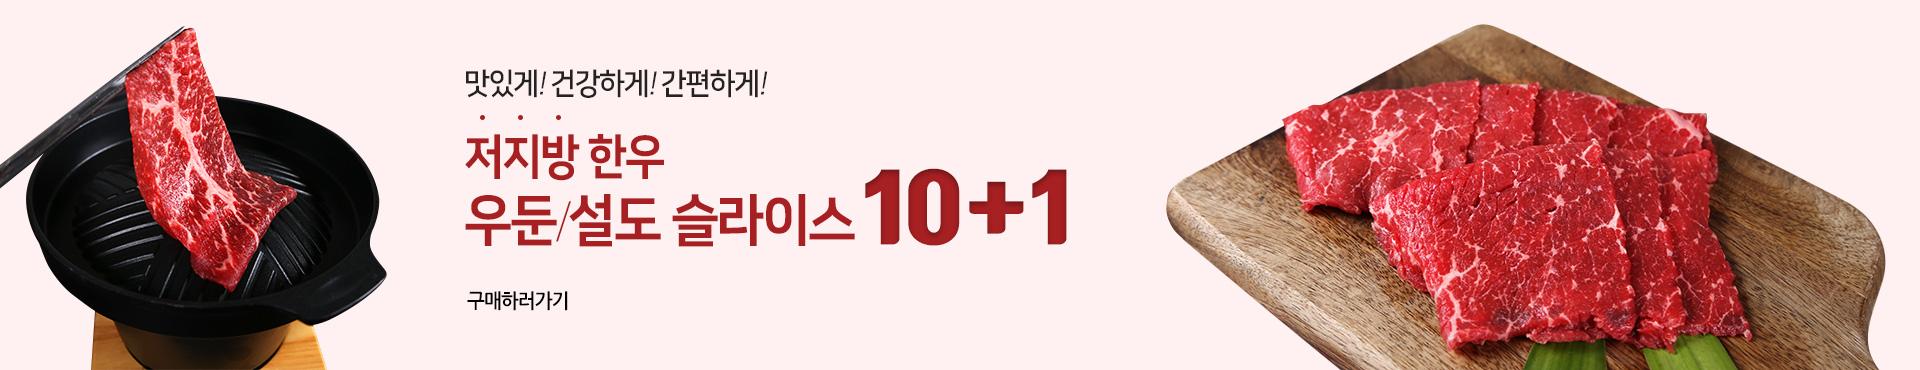 우둔슬라이스10+1